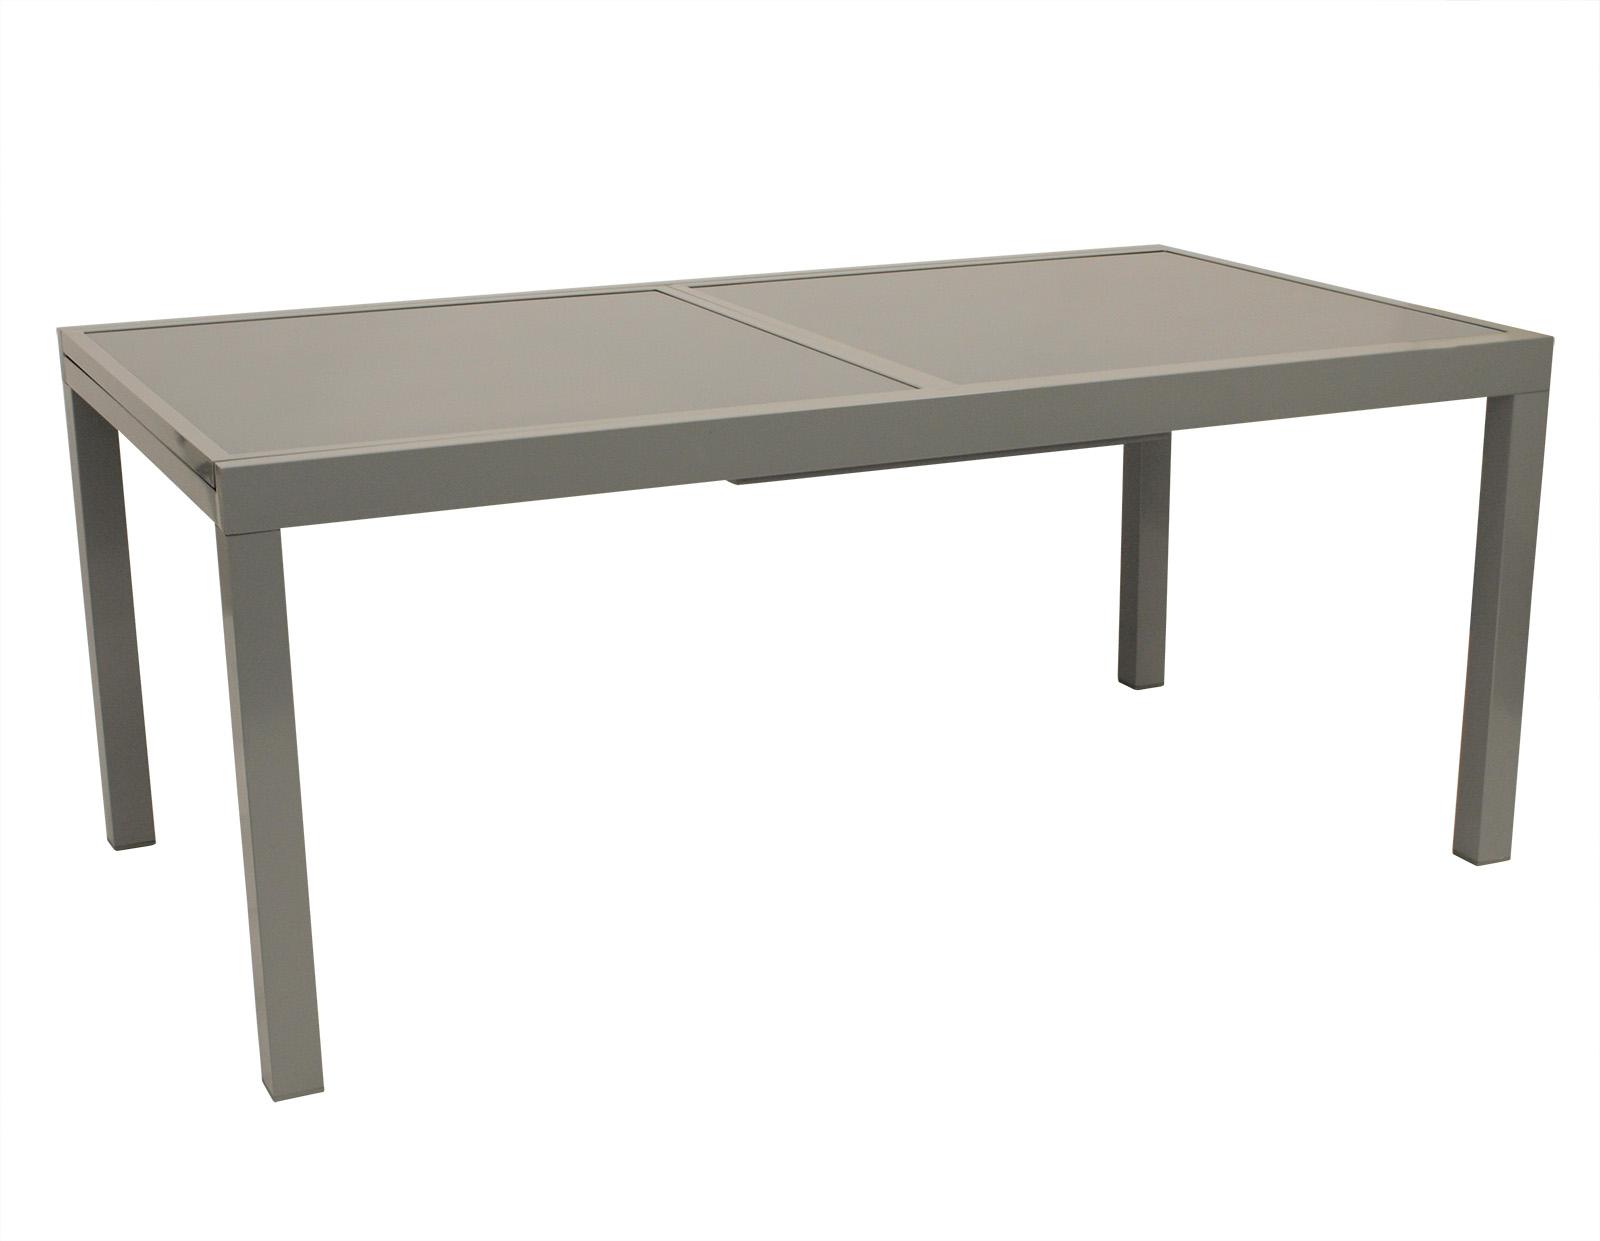 gartentisch ausziehtisch gartenm bel tisch glastisch pisa alu grau glas 90x200cm 4050747264513. Black Bedroom Furniture Sets. Home Design Ideas